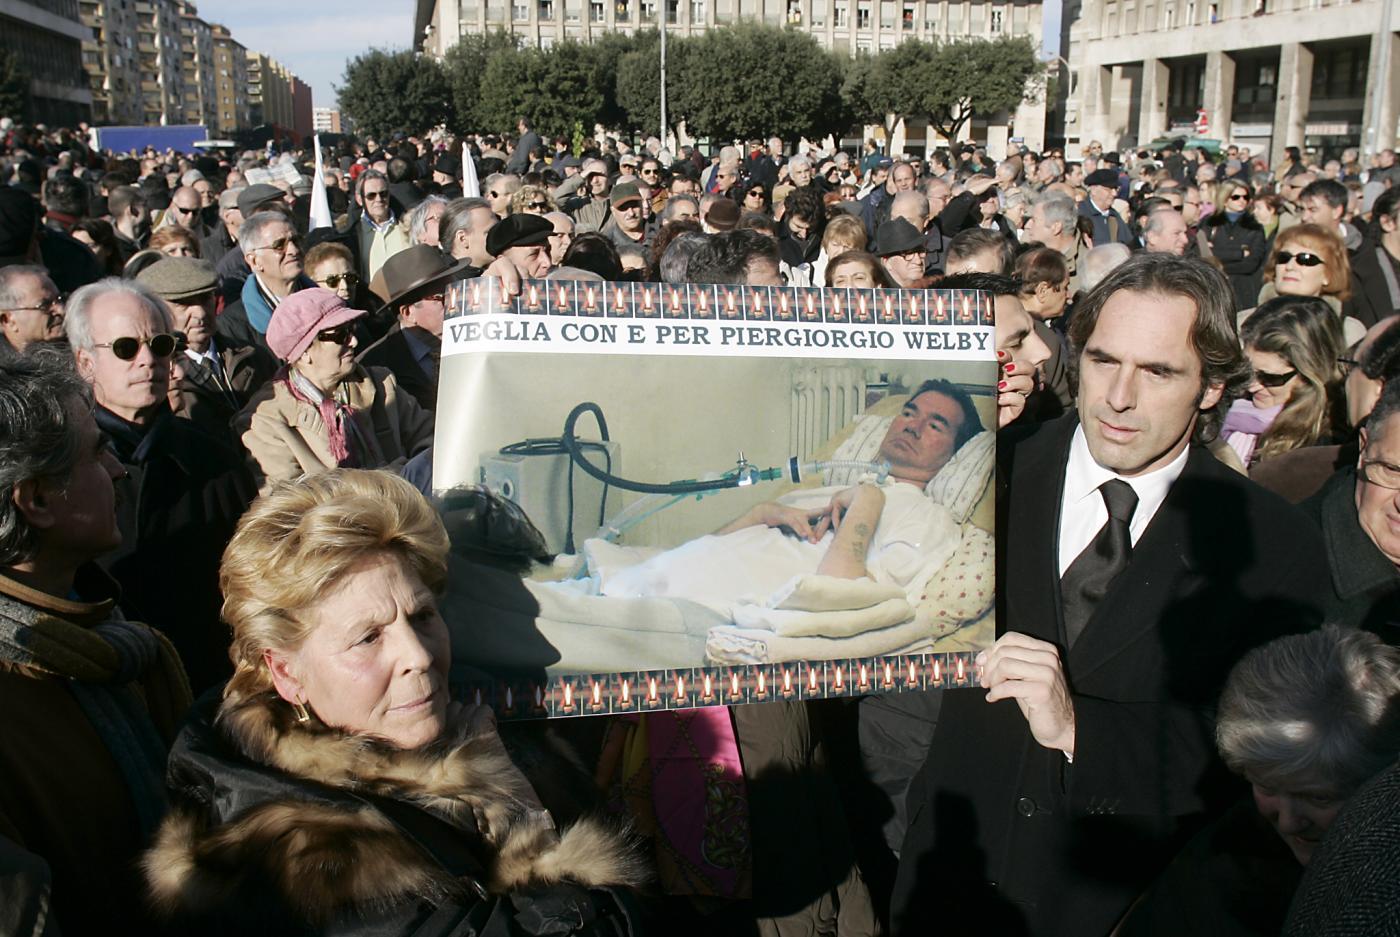 Funerale laico per Piergiorgio Welby